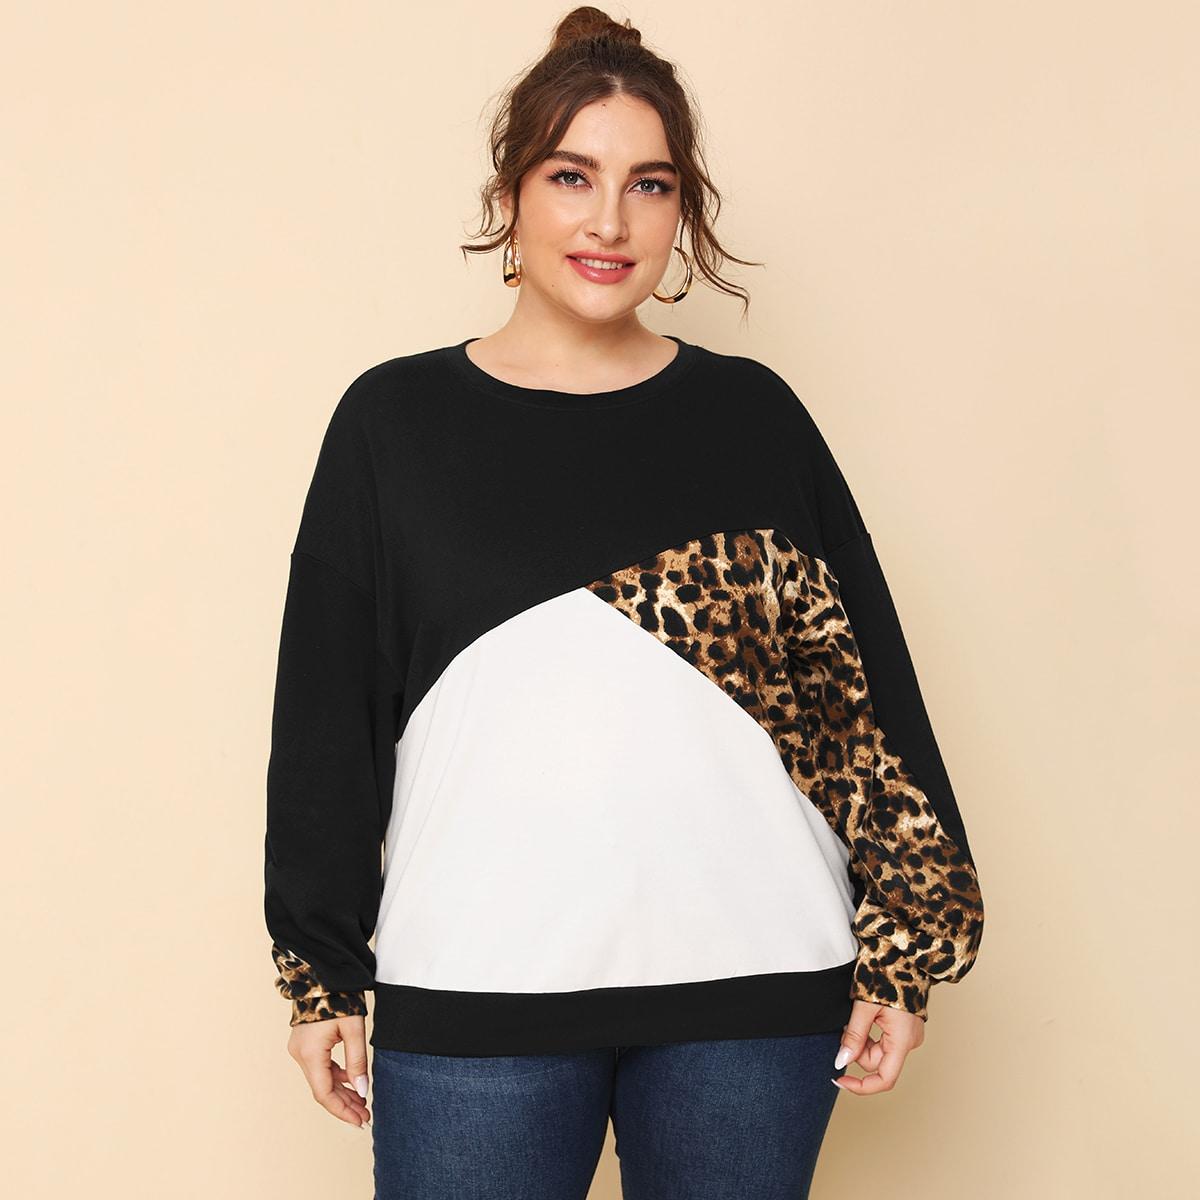 Контрастный пуловер размера плюс с леопардовым принтом